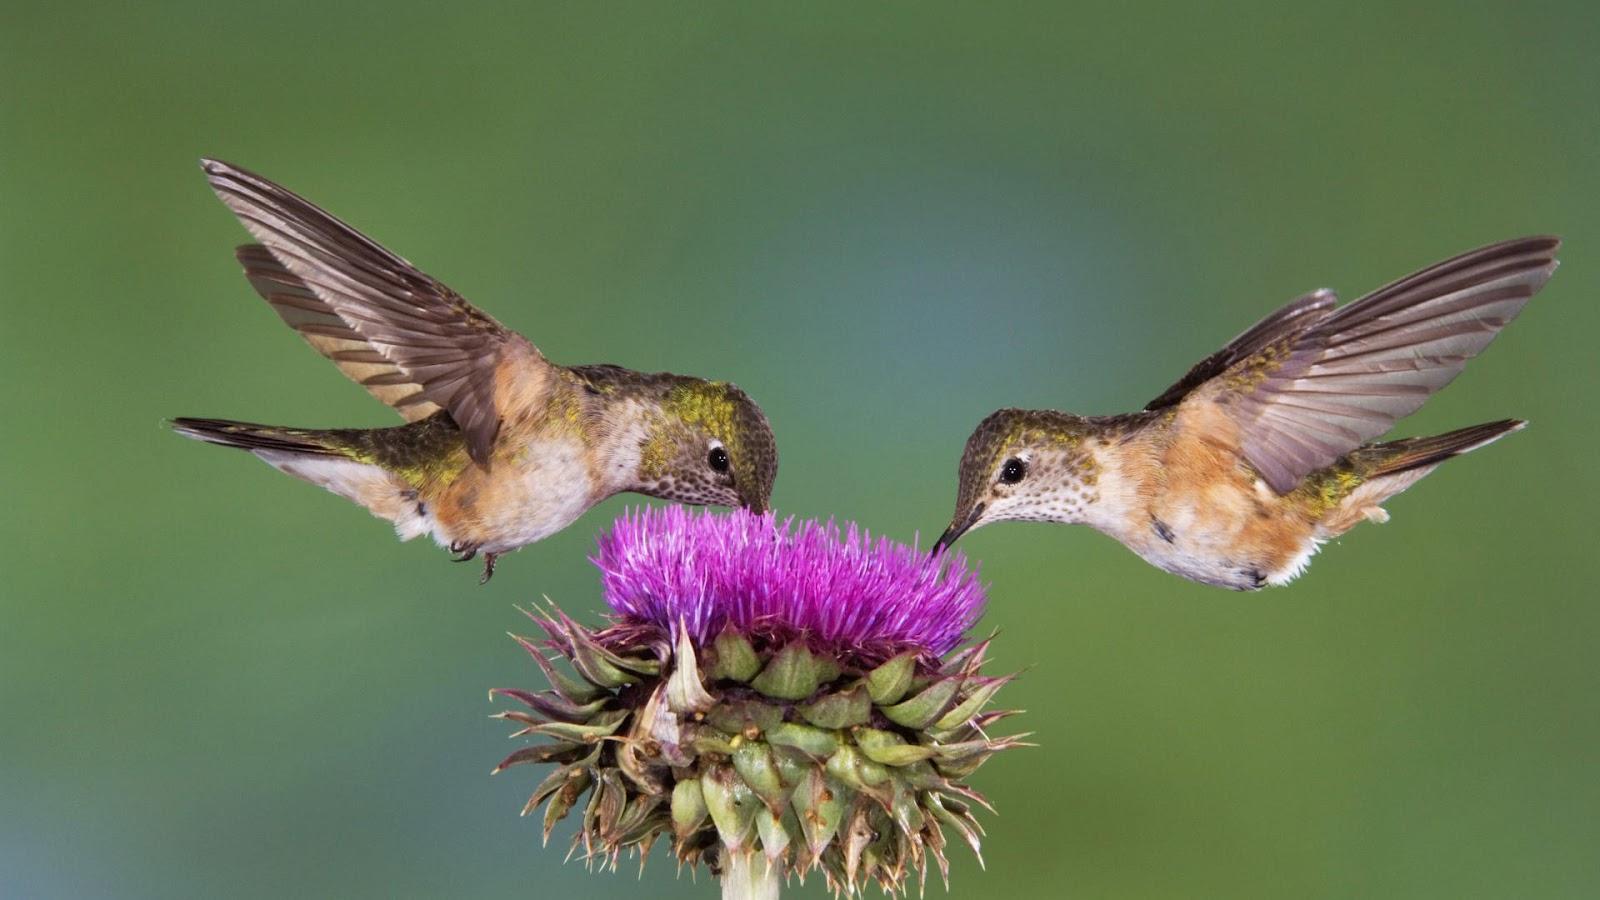 http://2.bp.blogspot.com/-k9ixqLHIh9Q/UCJOnkuexTI/AAAAAAAAAFE/sYtqNFgrIJI/s1600/bird-wallpaper-with-two-bird-eating-from-a-flower-flying-birds-wallpapers.jpg